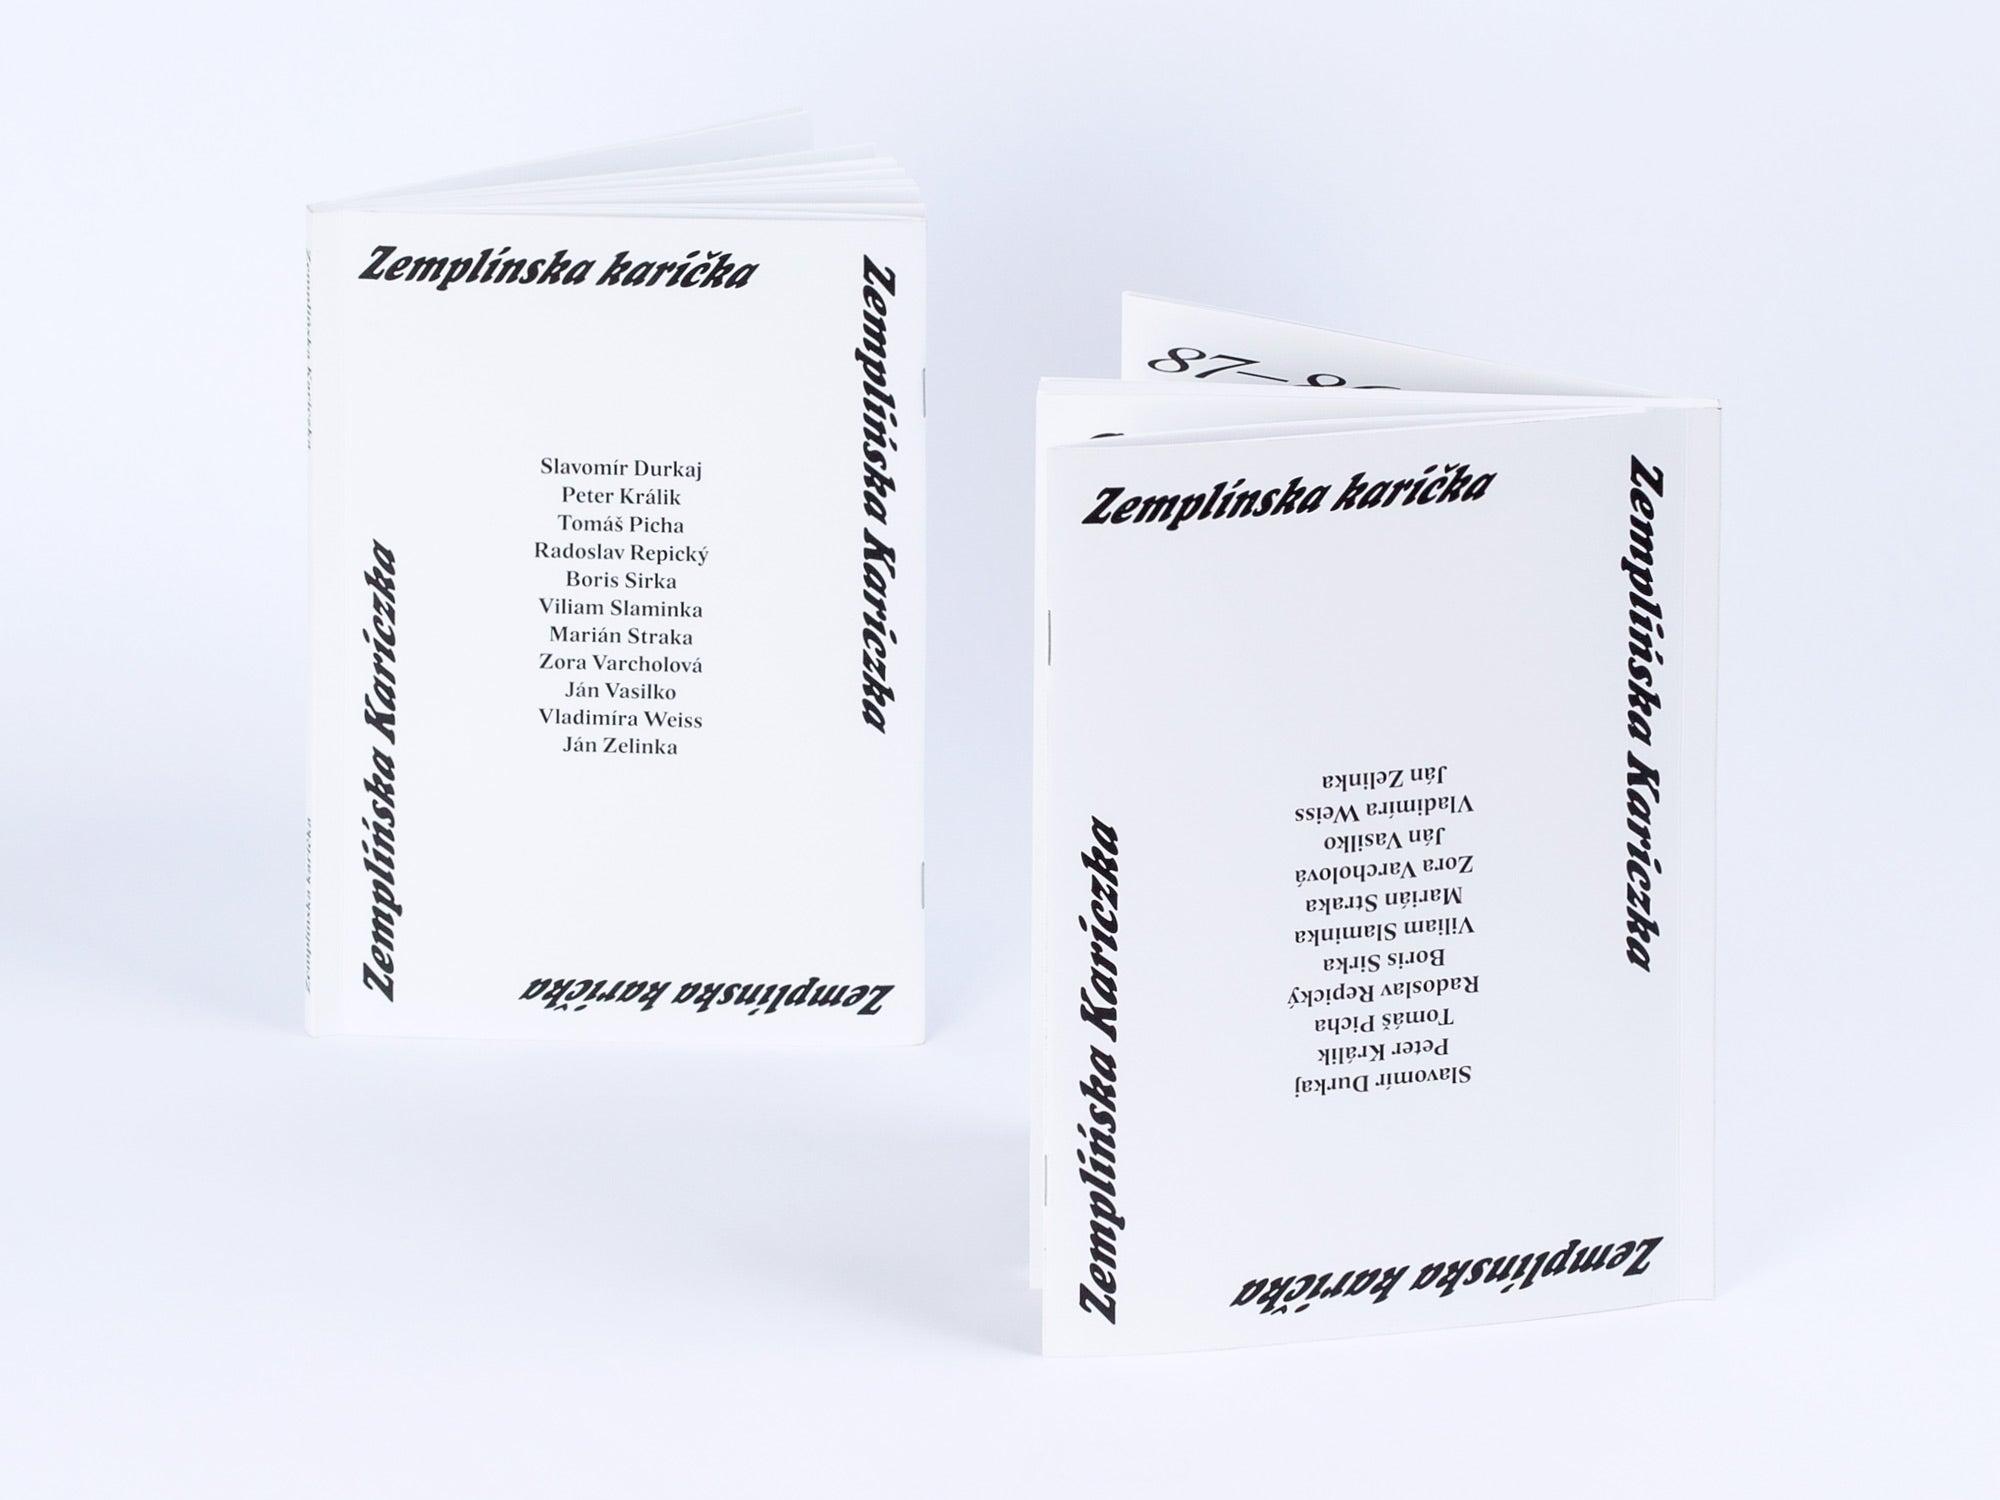 ZemplinskaKaricka_01.jpg